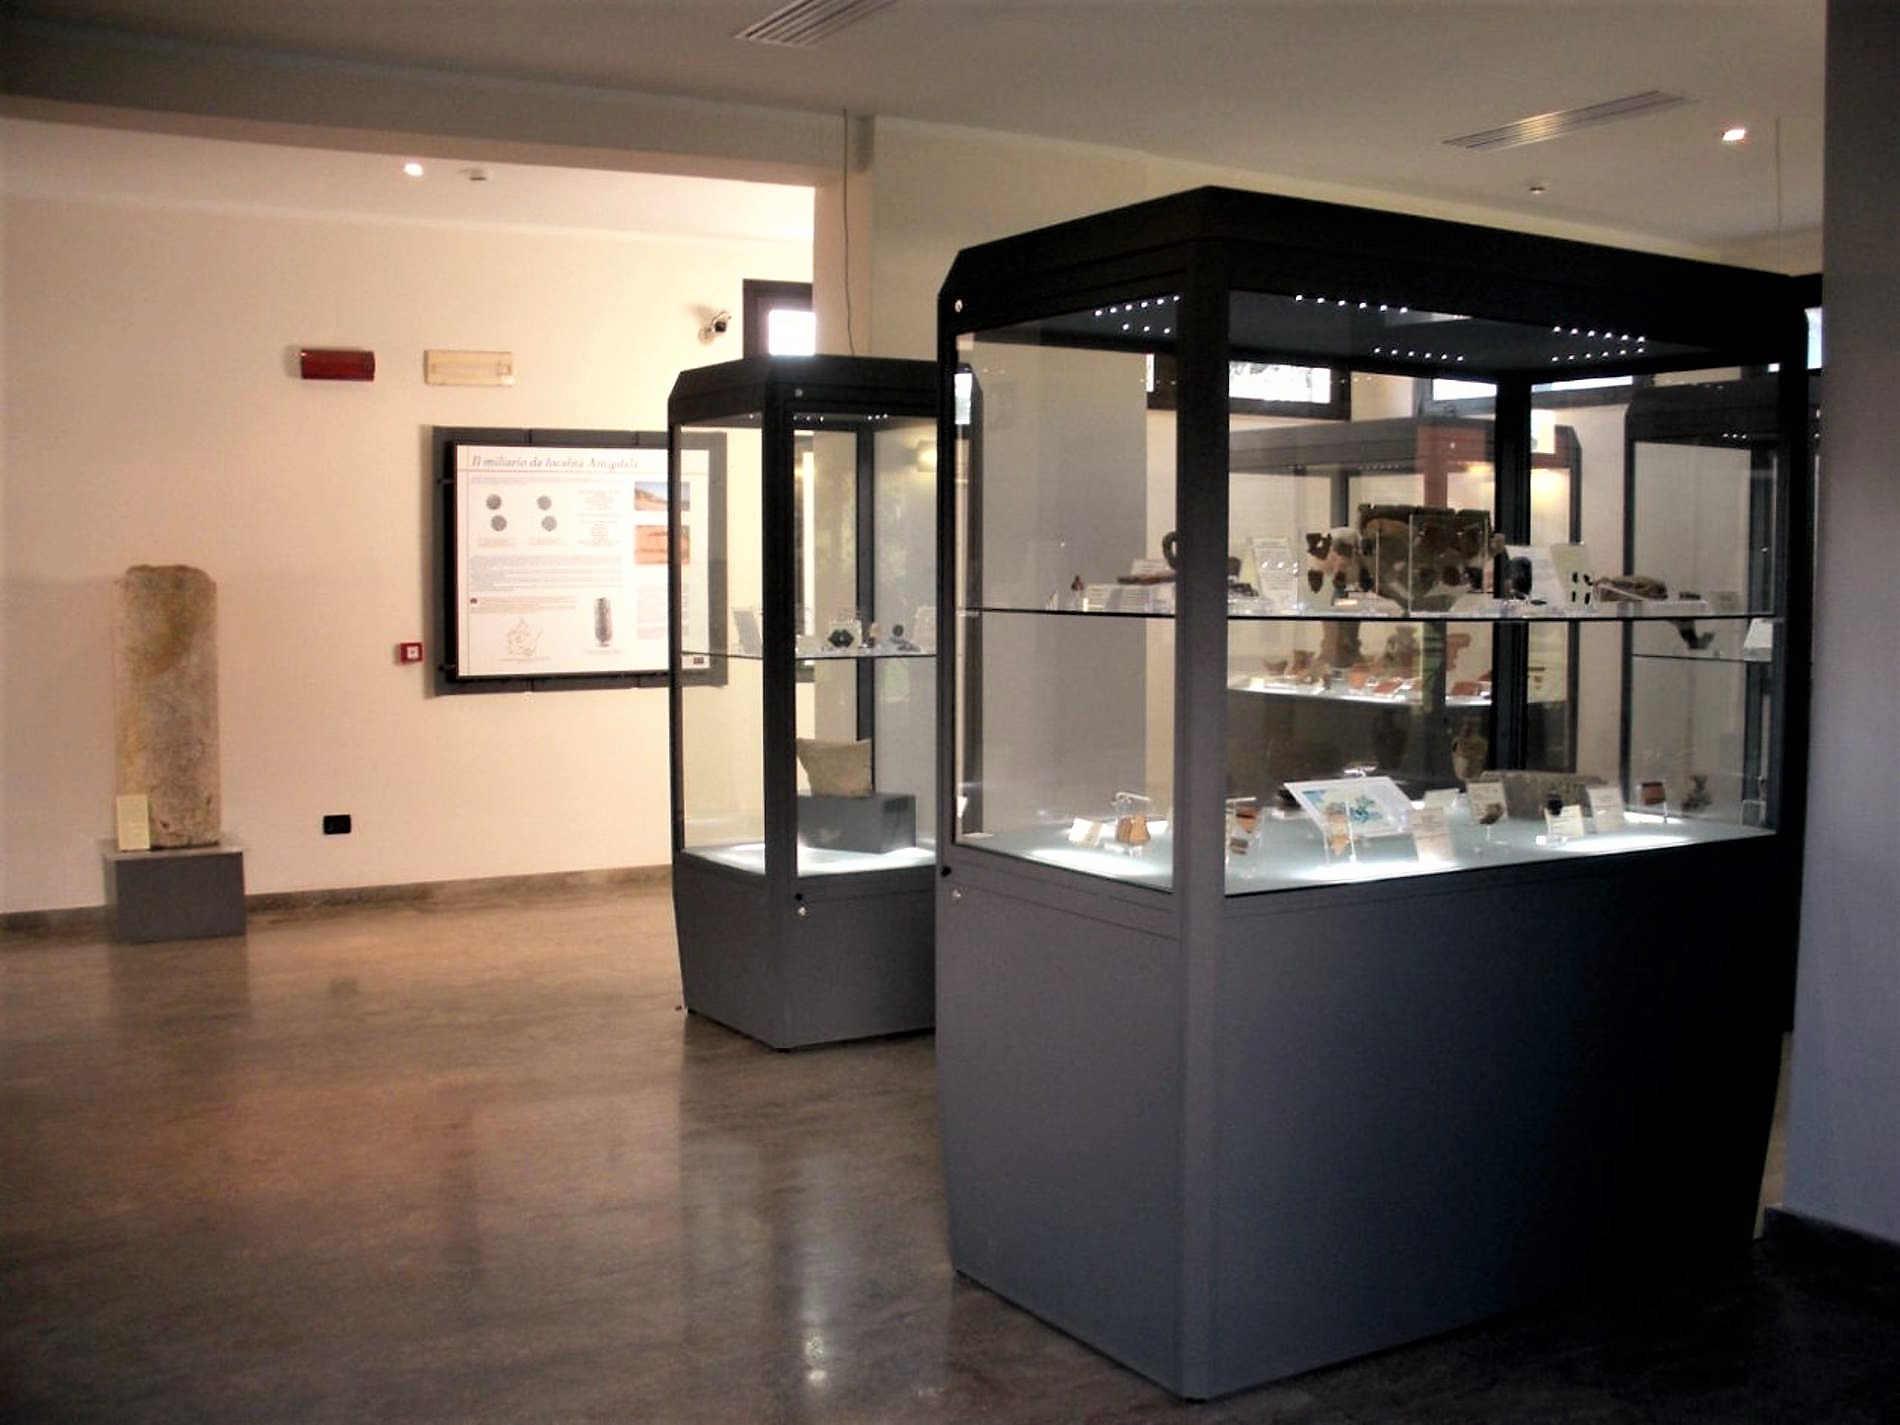 Museo nel parco archeologico di Archeoderi a Bova Marina Reggio Calabria